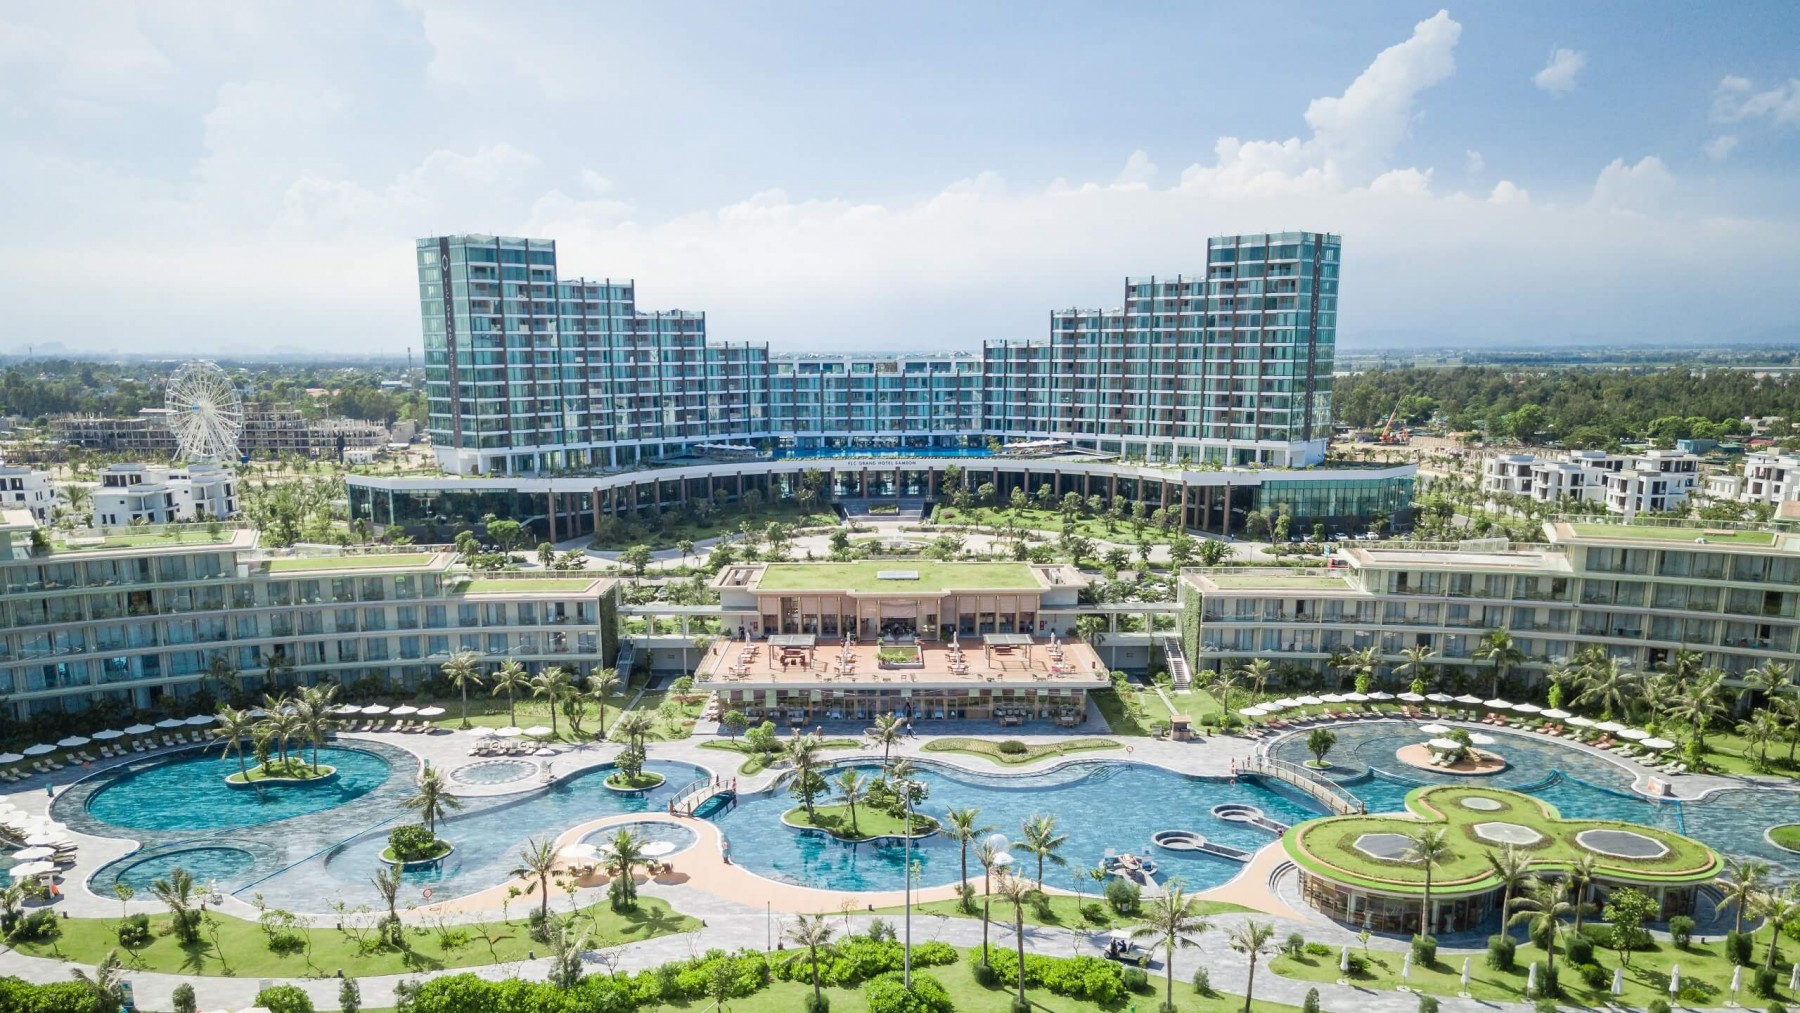 FLC Sầm Sơn - Du lịch nghỉ dưỡng miền Bắc